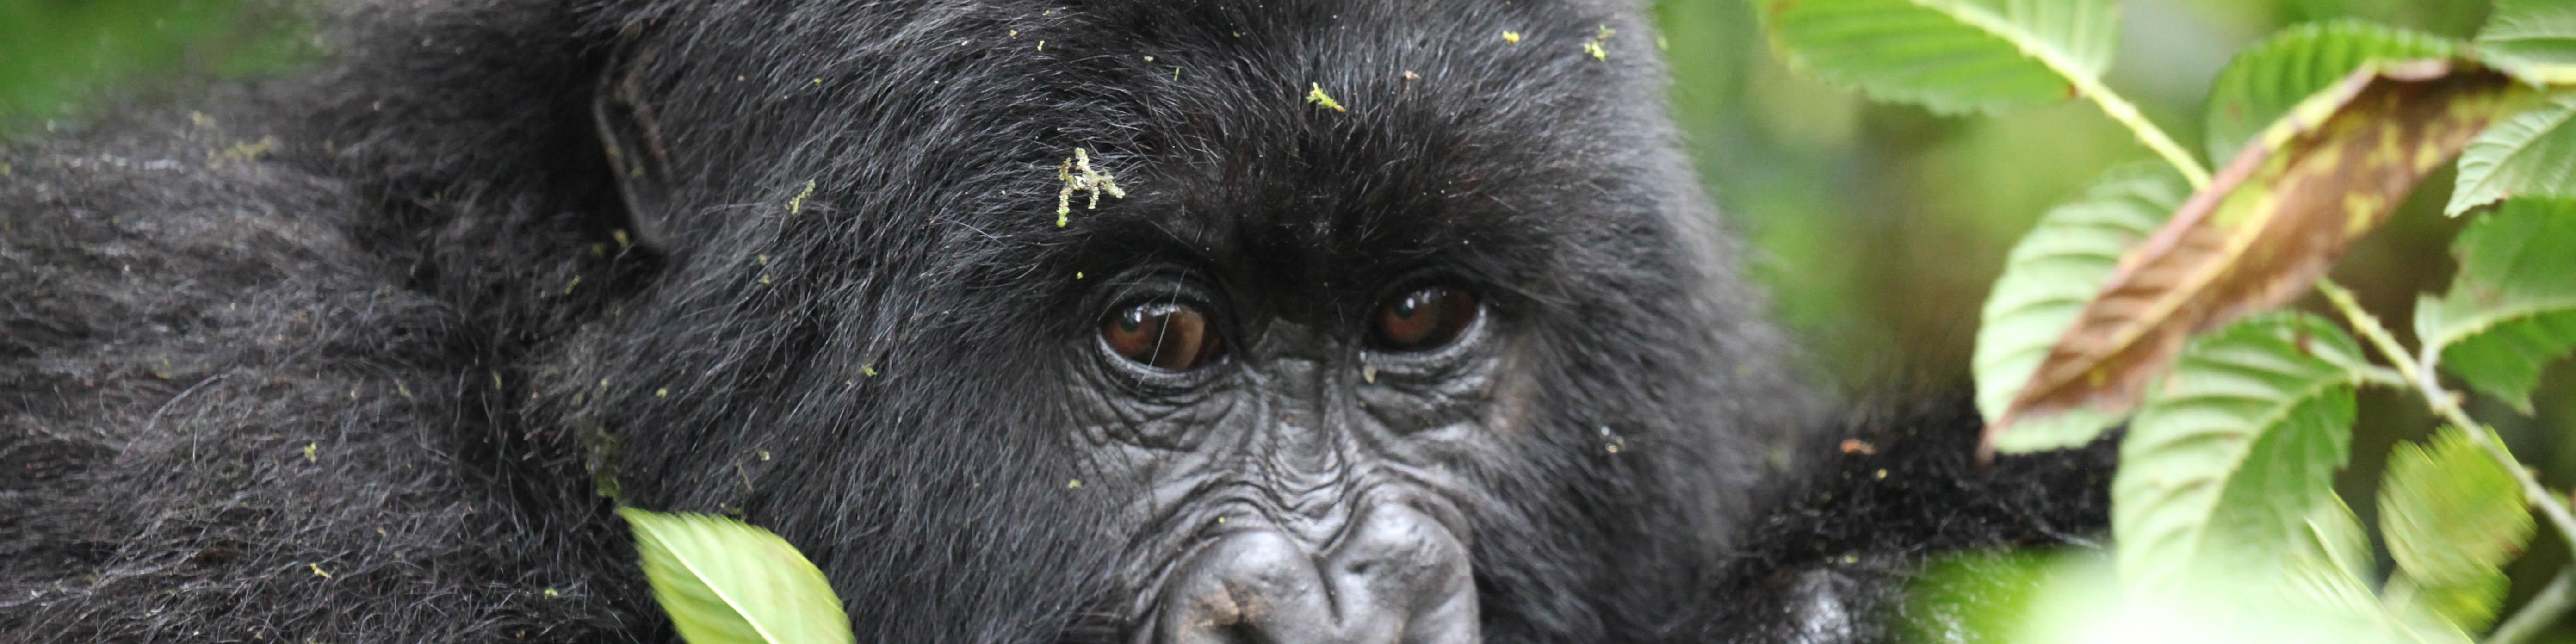 Mountain gorilla eyes